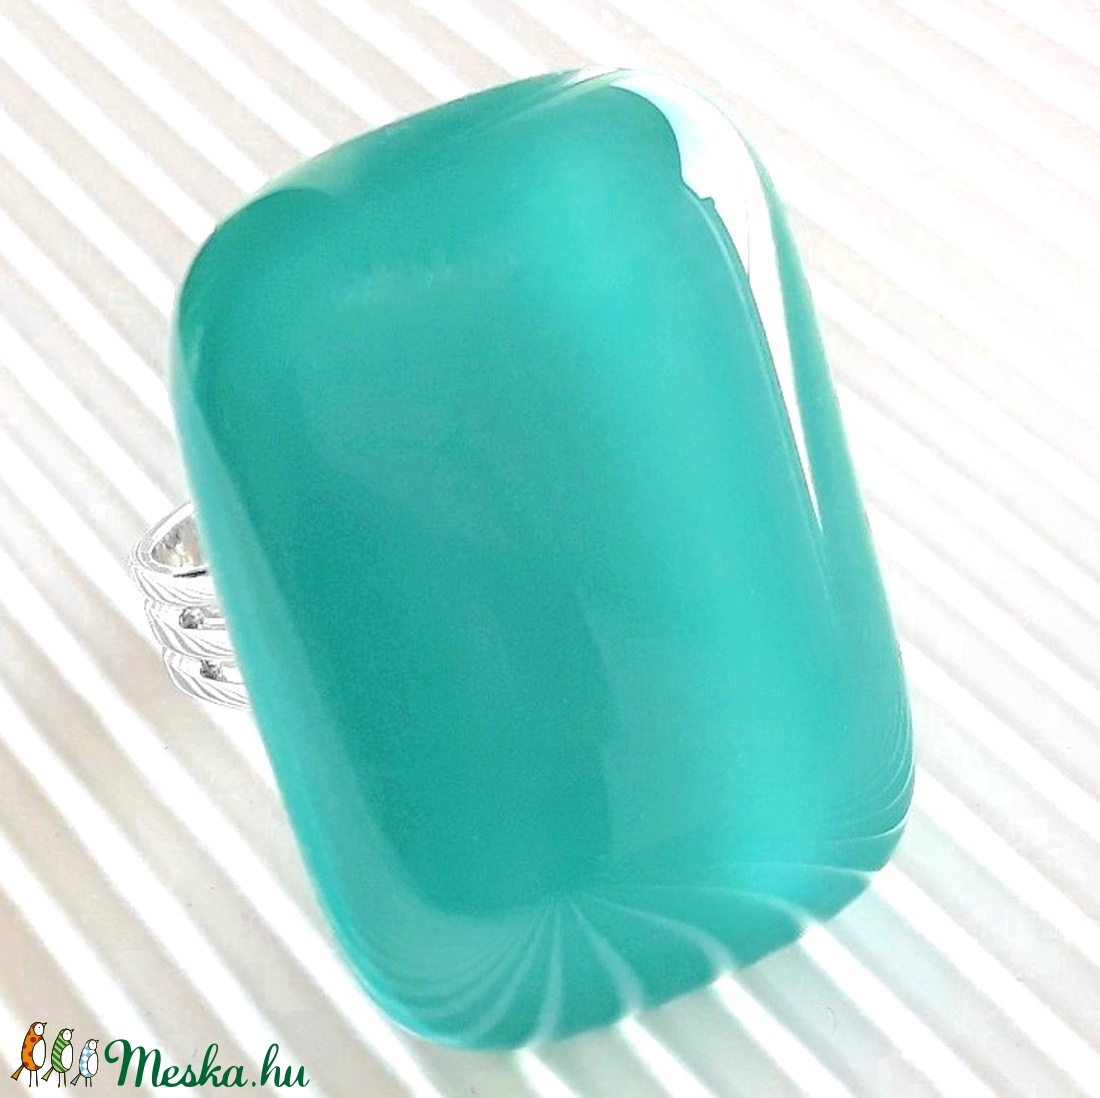 Hamvas smaragd elegáns üveg gyűrű, üvegékszer - ékszer - gyűrű - statement gyűrű - Meska.hu